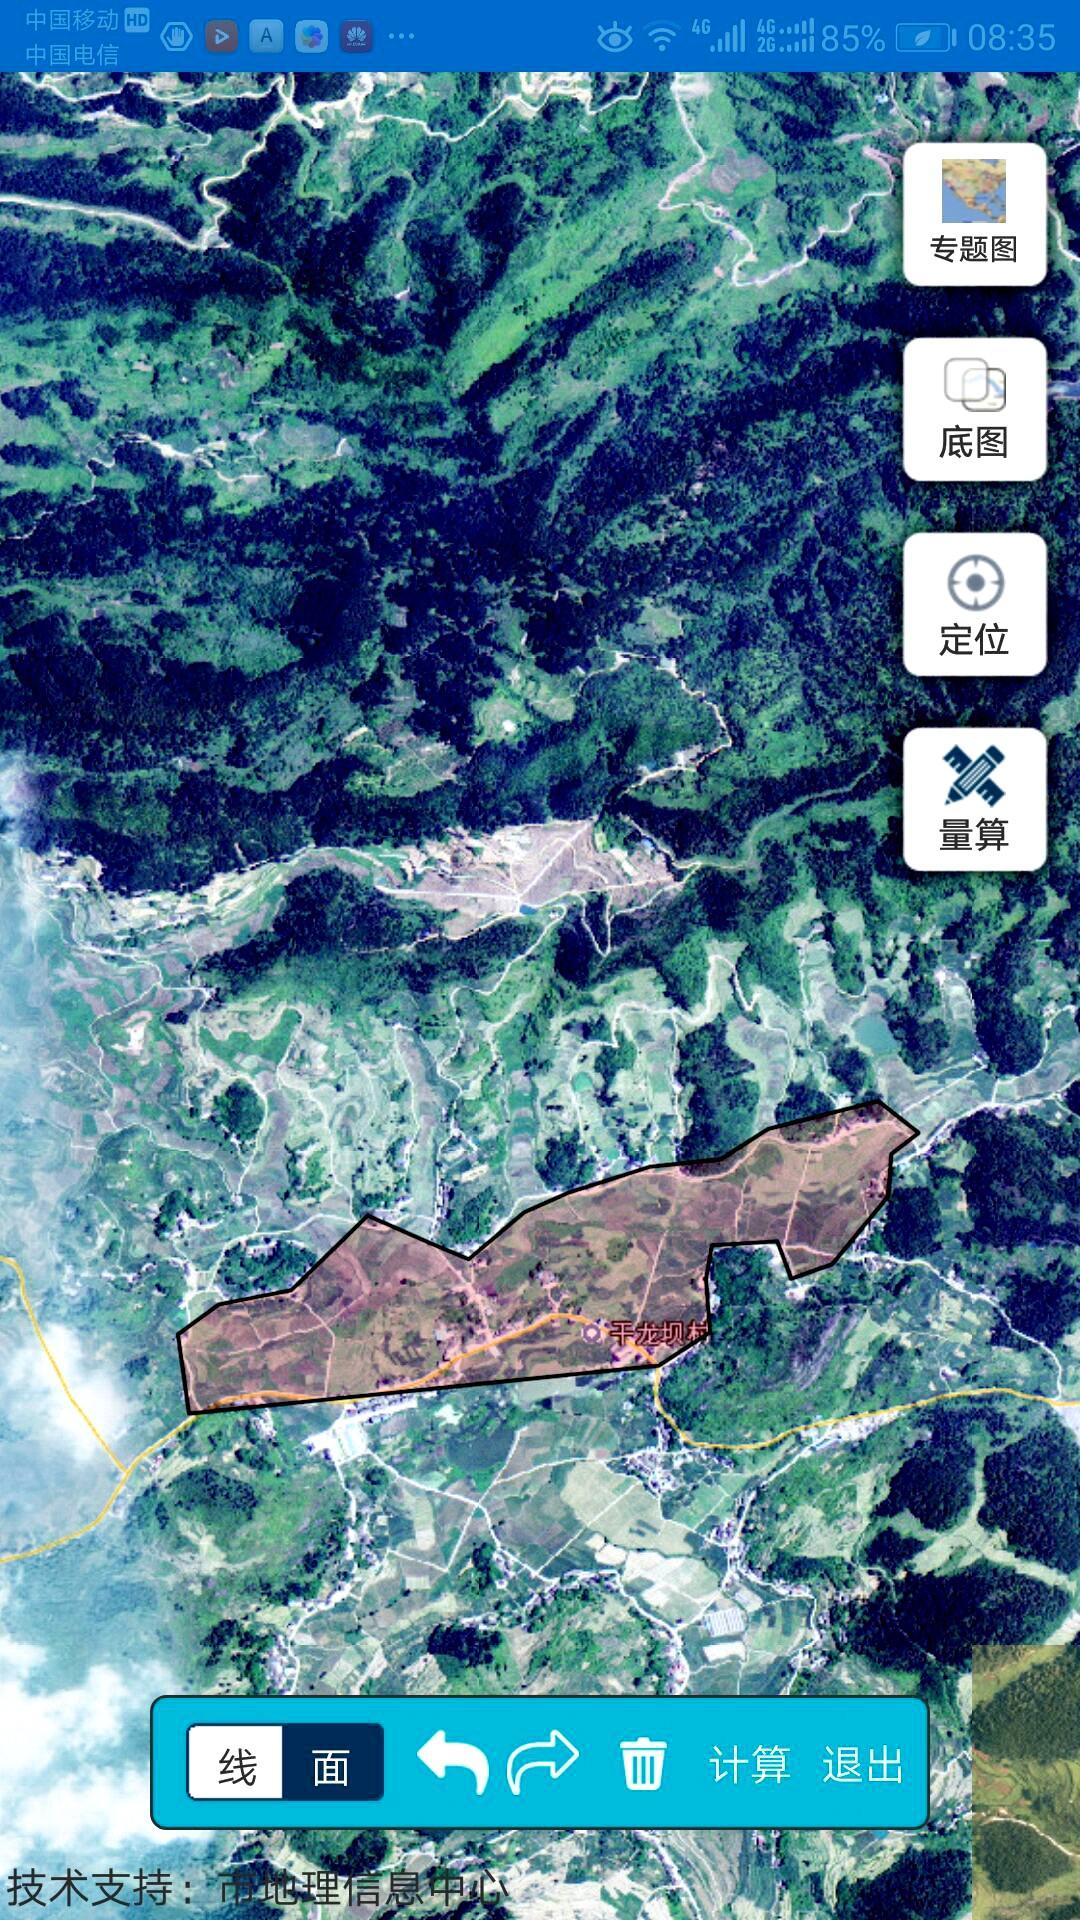 卫星正射影像图2.jpg